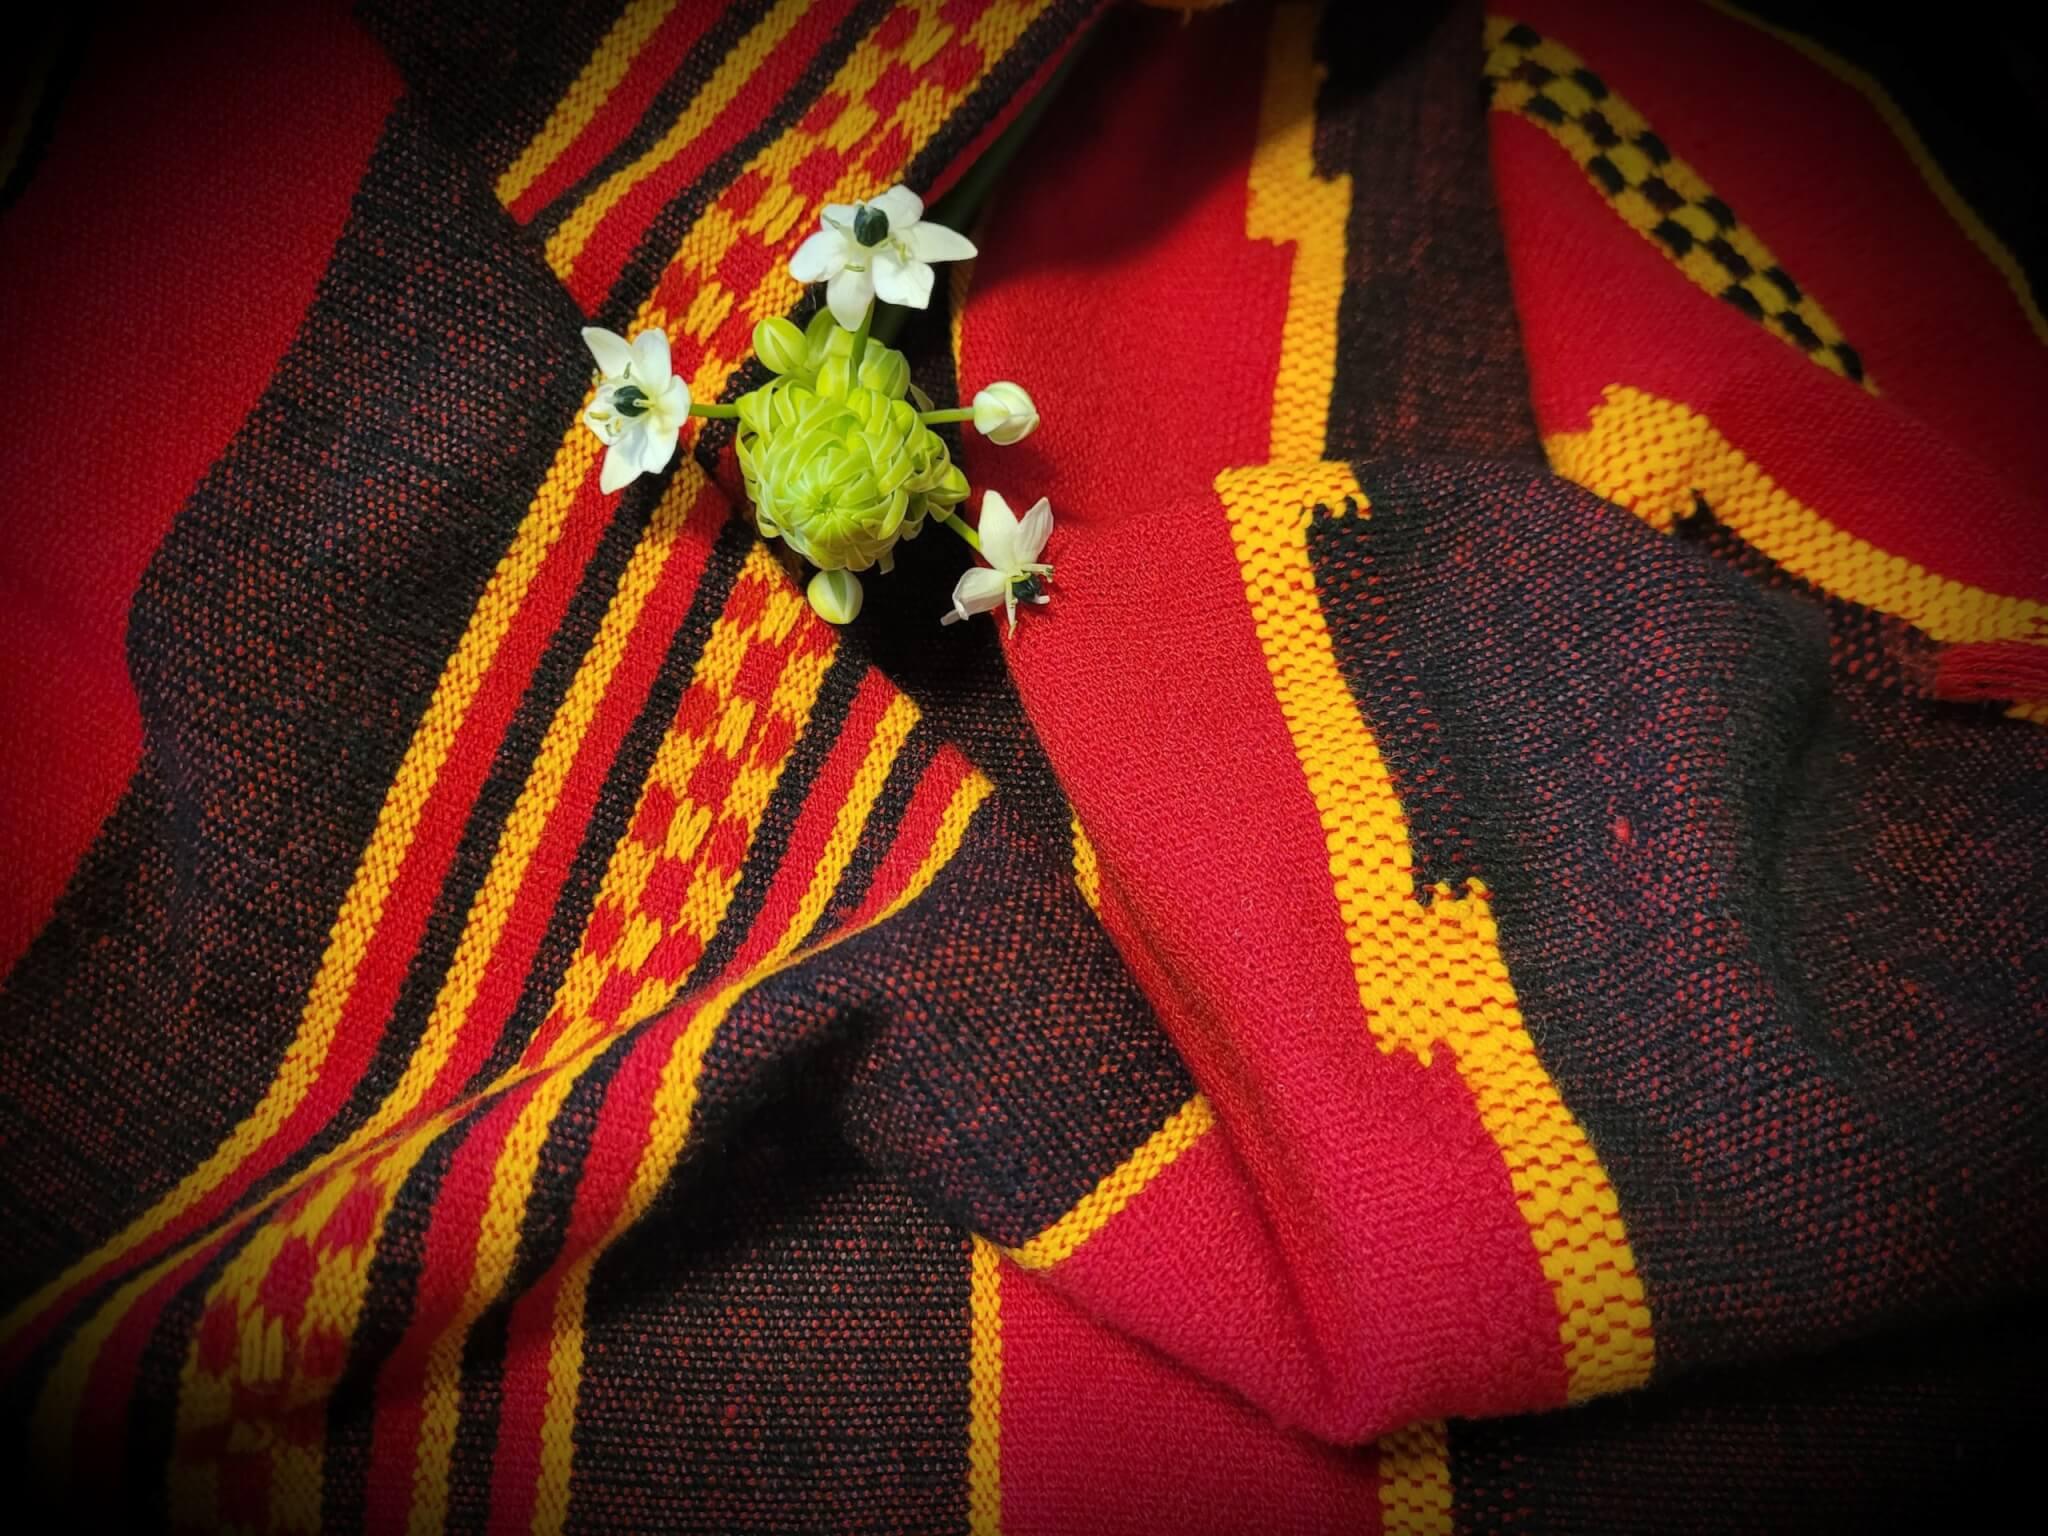 Textilindustrie in Äthiopien: Das Ende einer Erfolgsgeschichte?